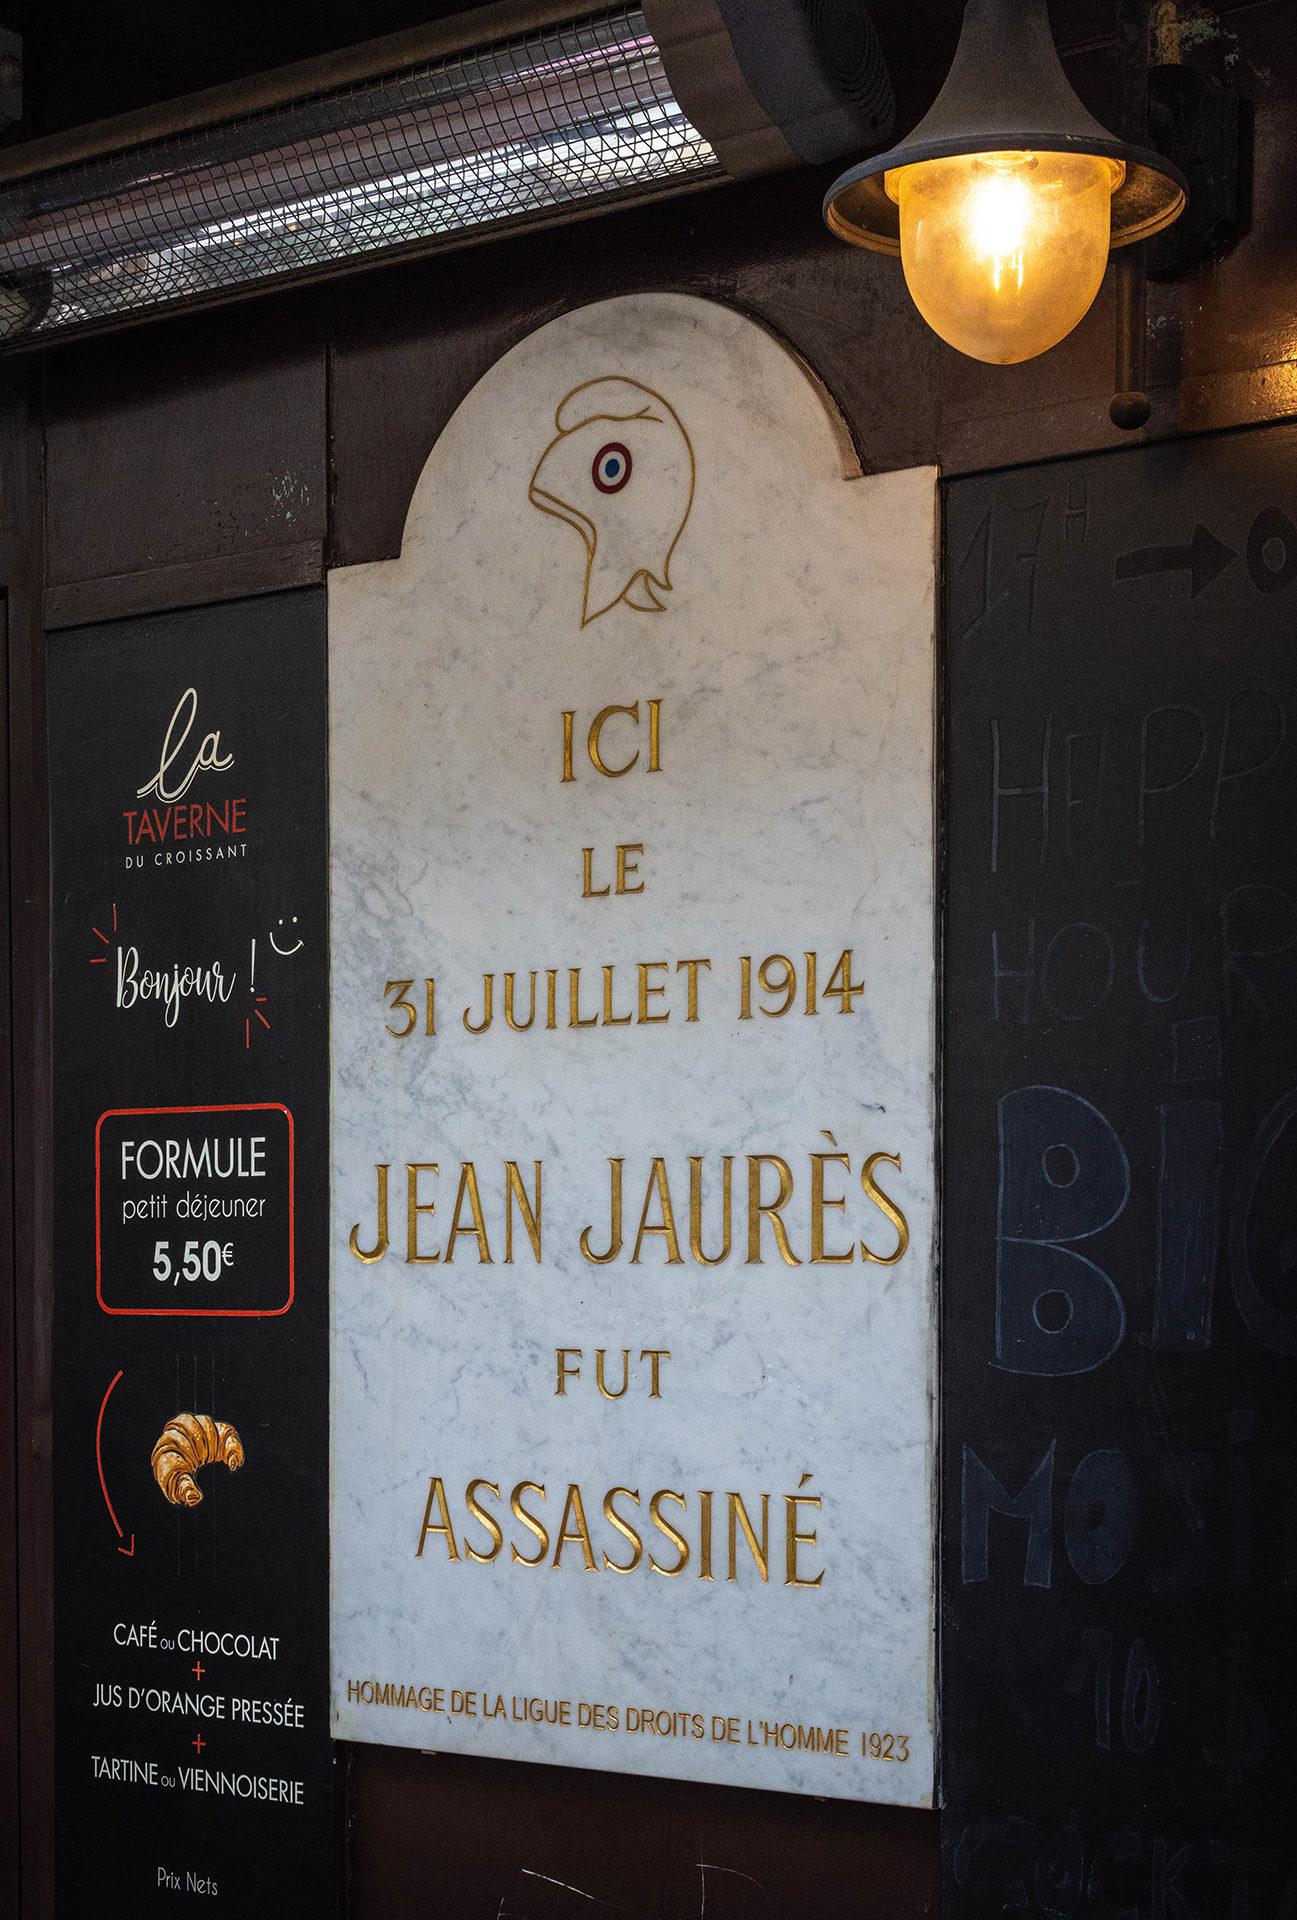 The plaque commemorating the assassination of Jean Jaurès outside the Taverne du Croissant, Rue du Montmartre, Paris